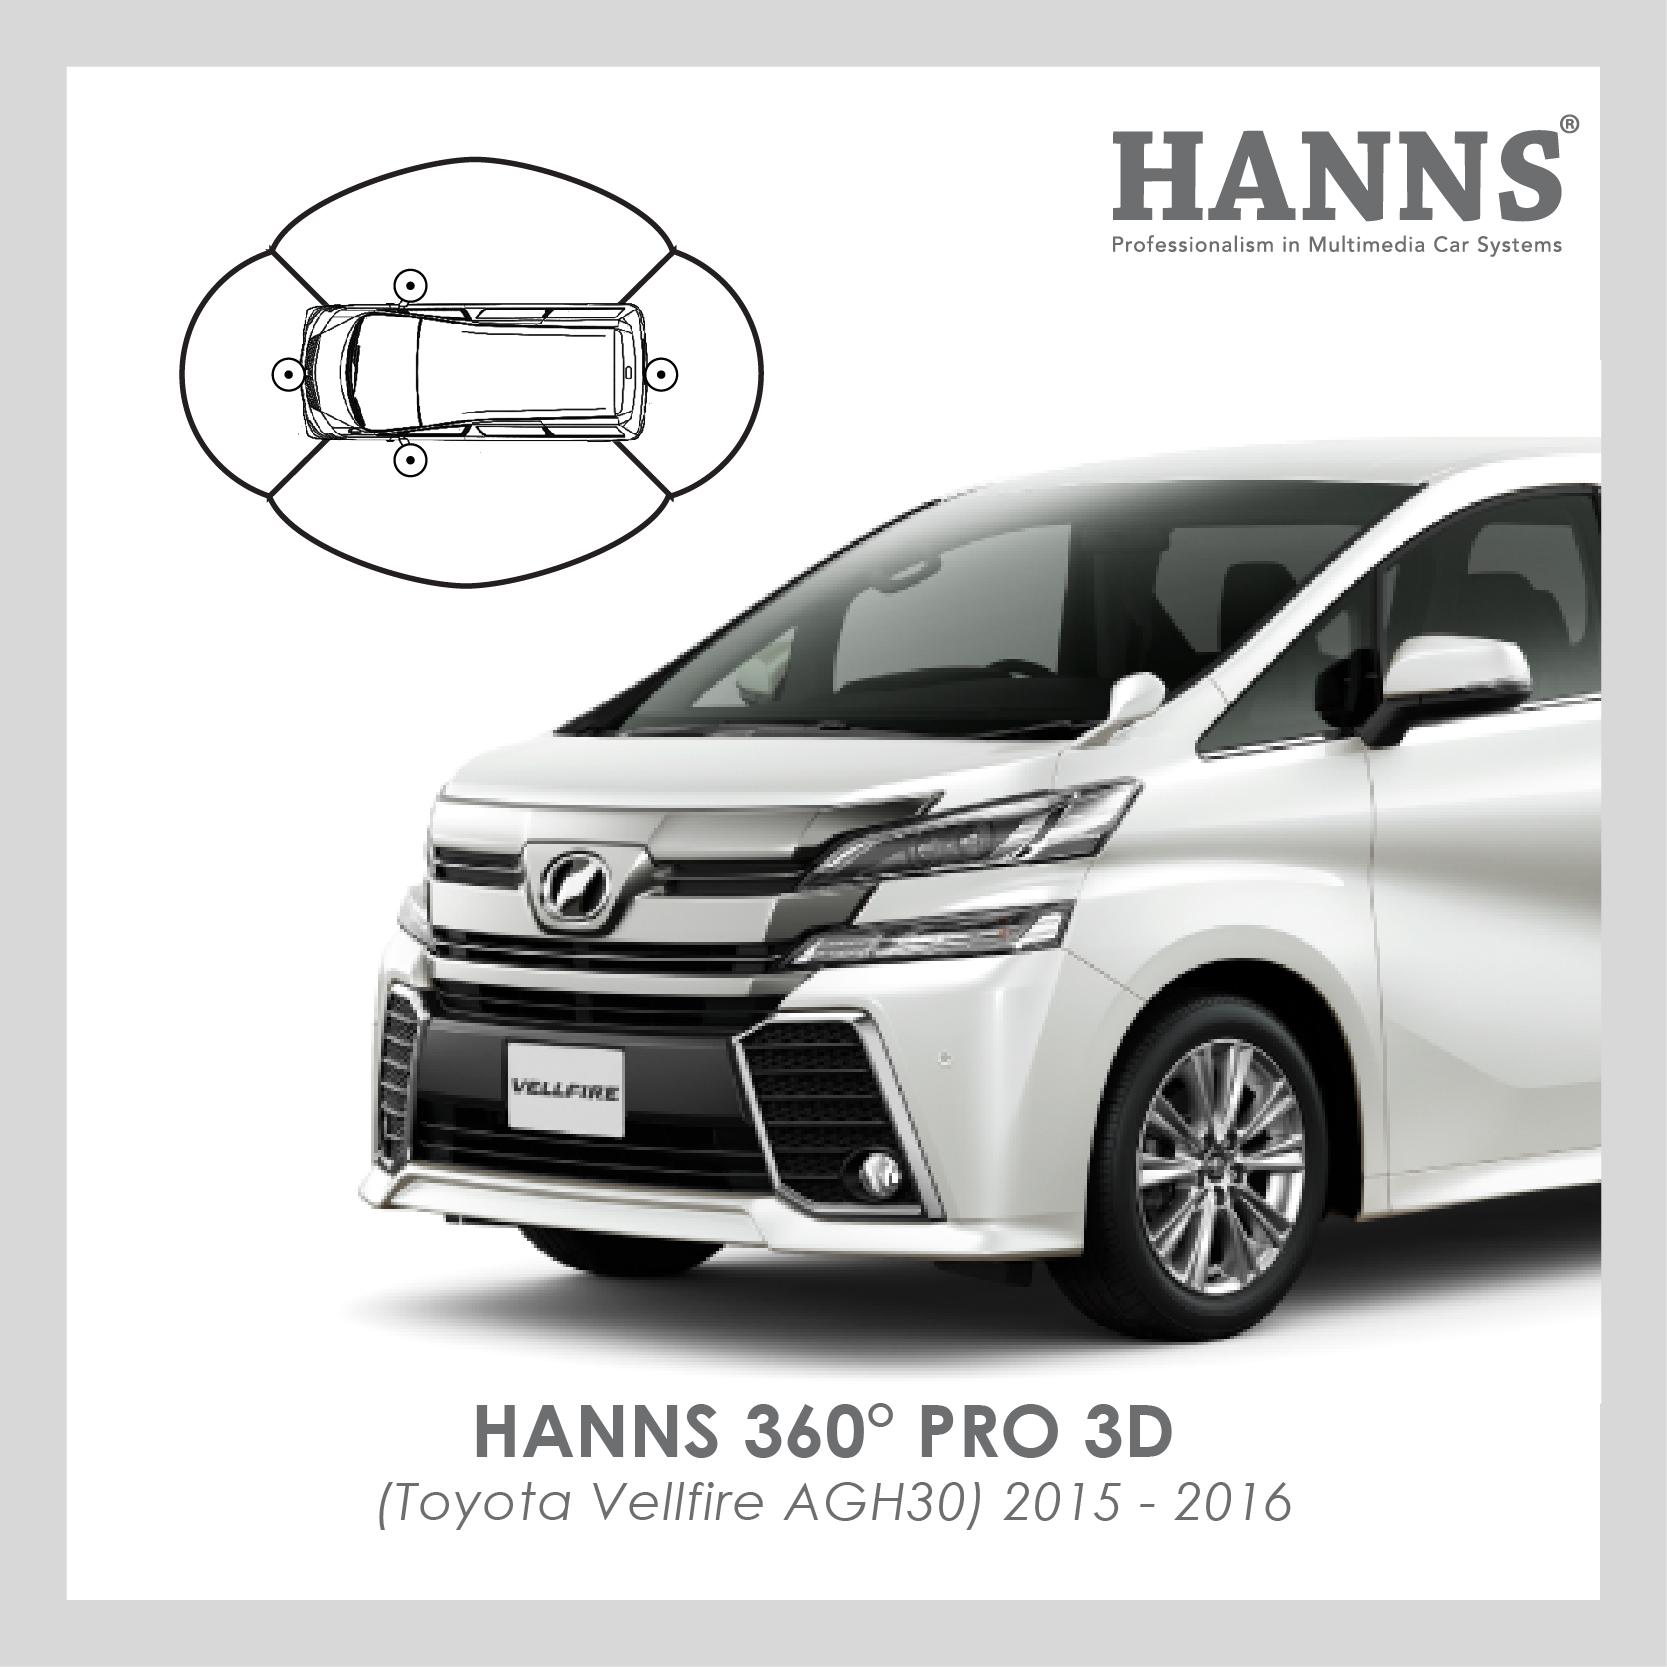 Hanns 360° Pro 3D for Toyota Vellfire (2015-2016)